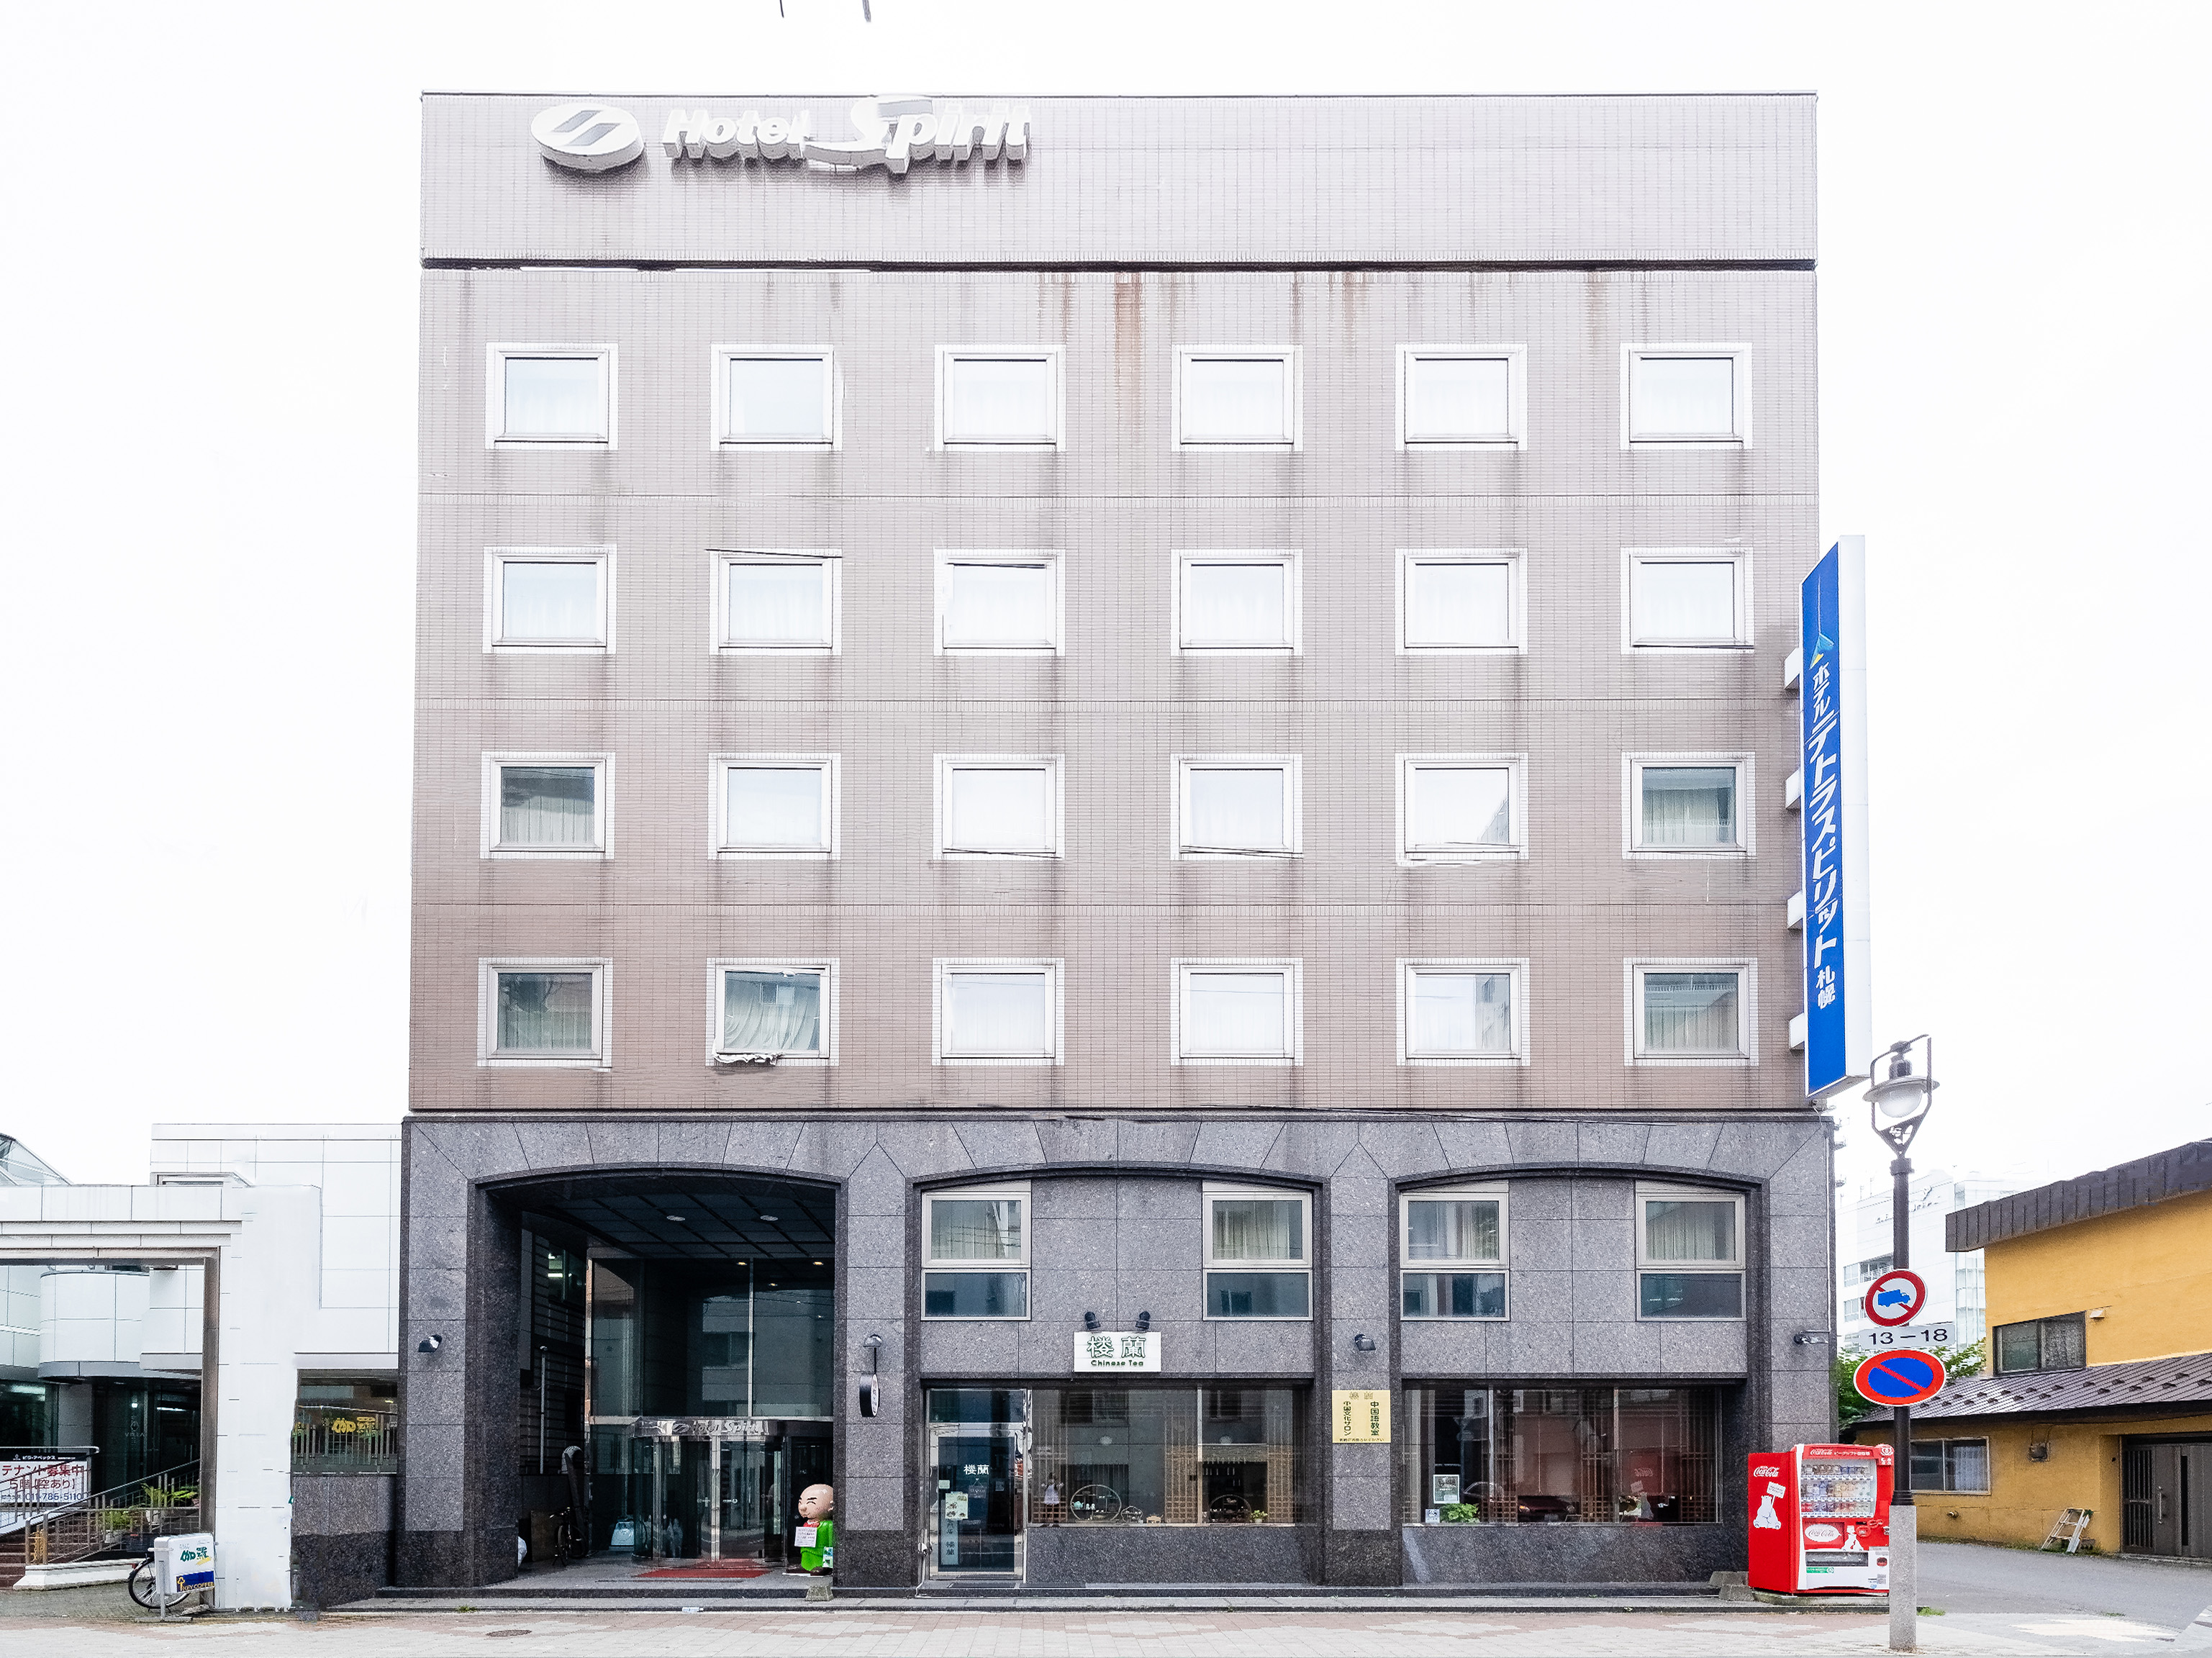 ホテルテトラ スピリット札幌